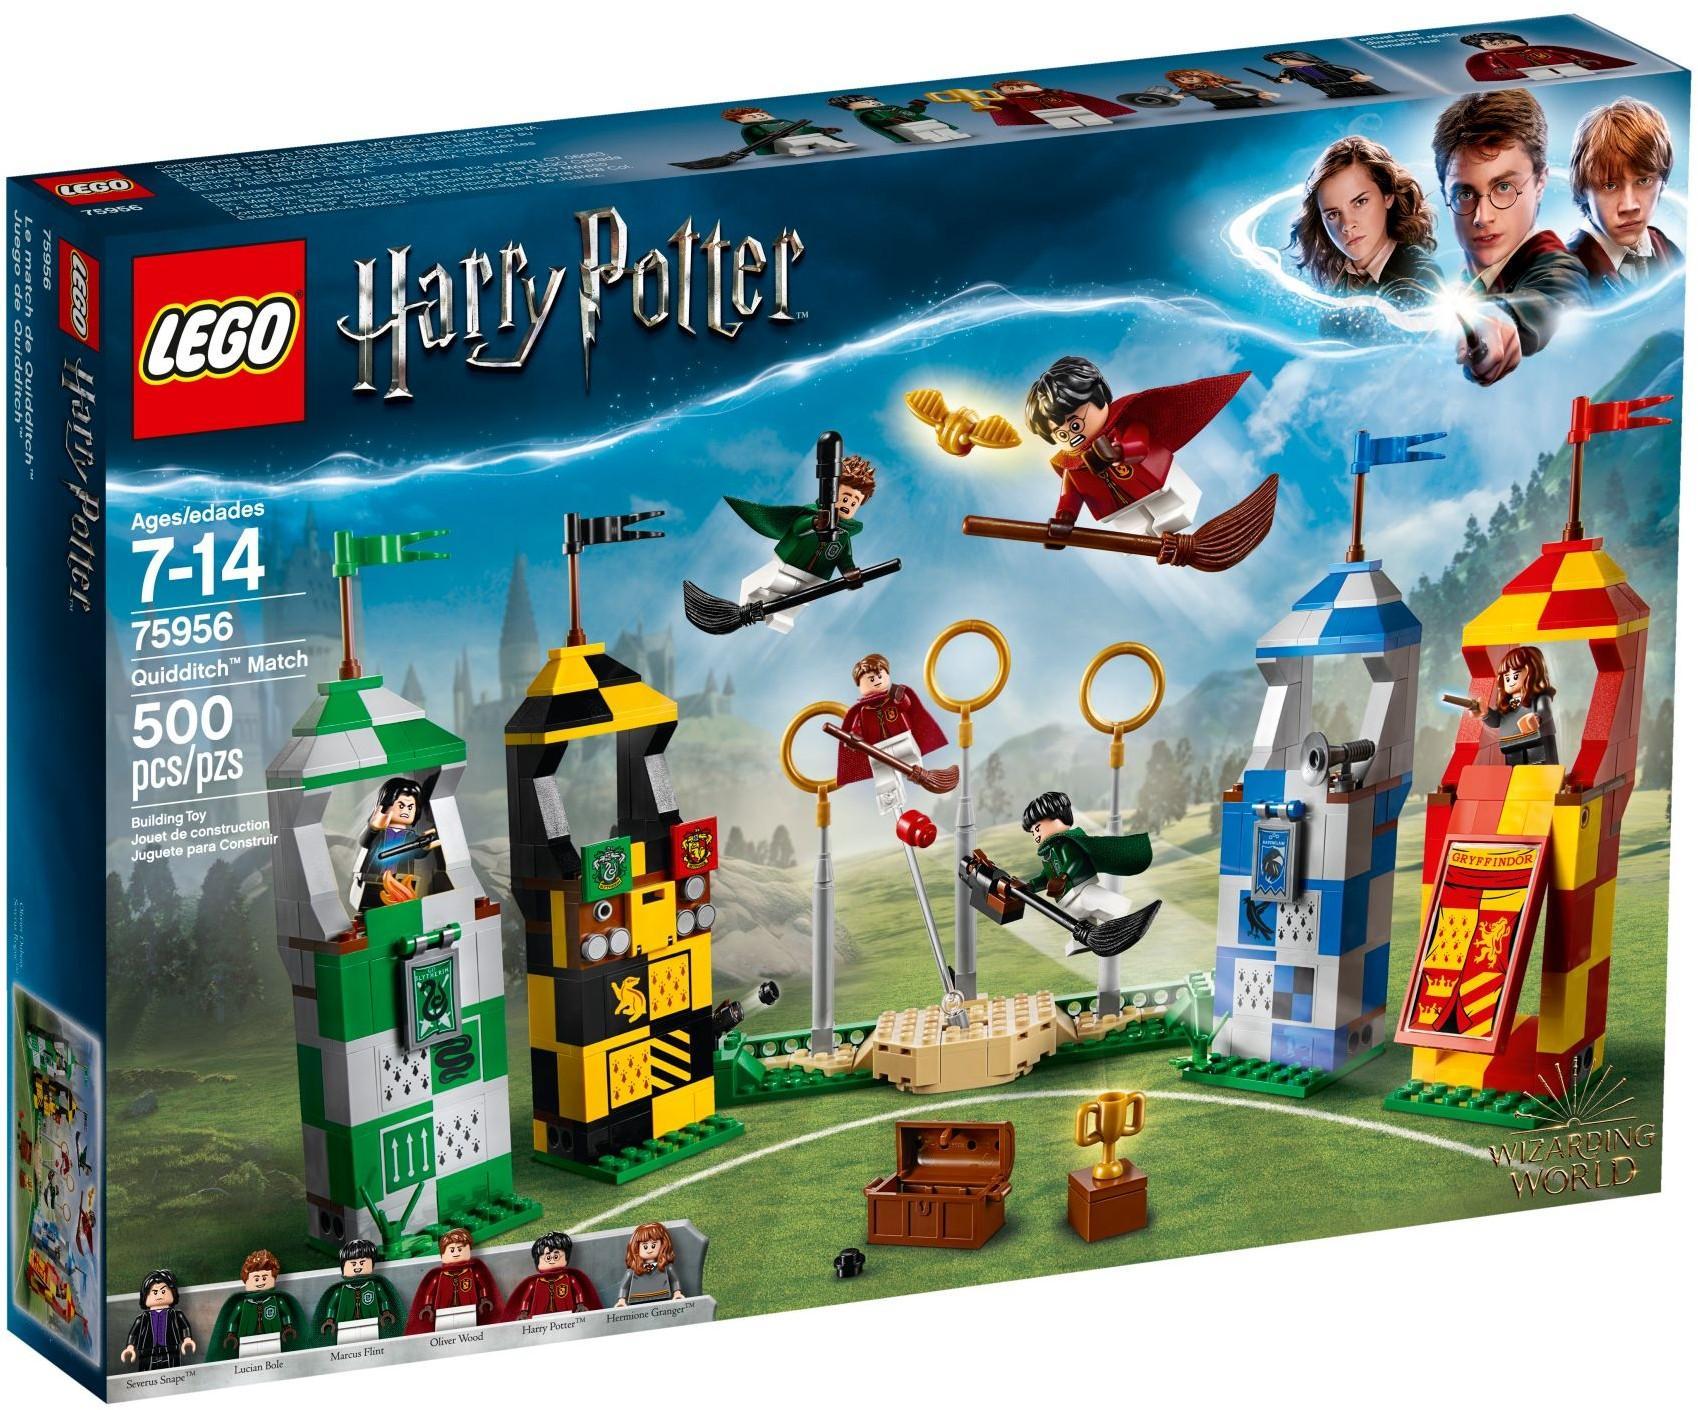 LEGO HARRY POTTER PARTITA DI QUIDDITCH 75956